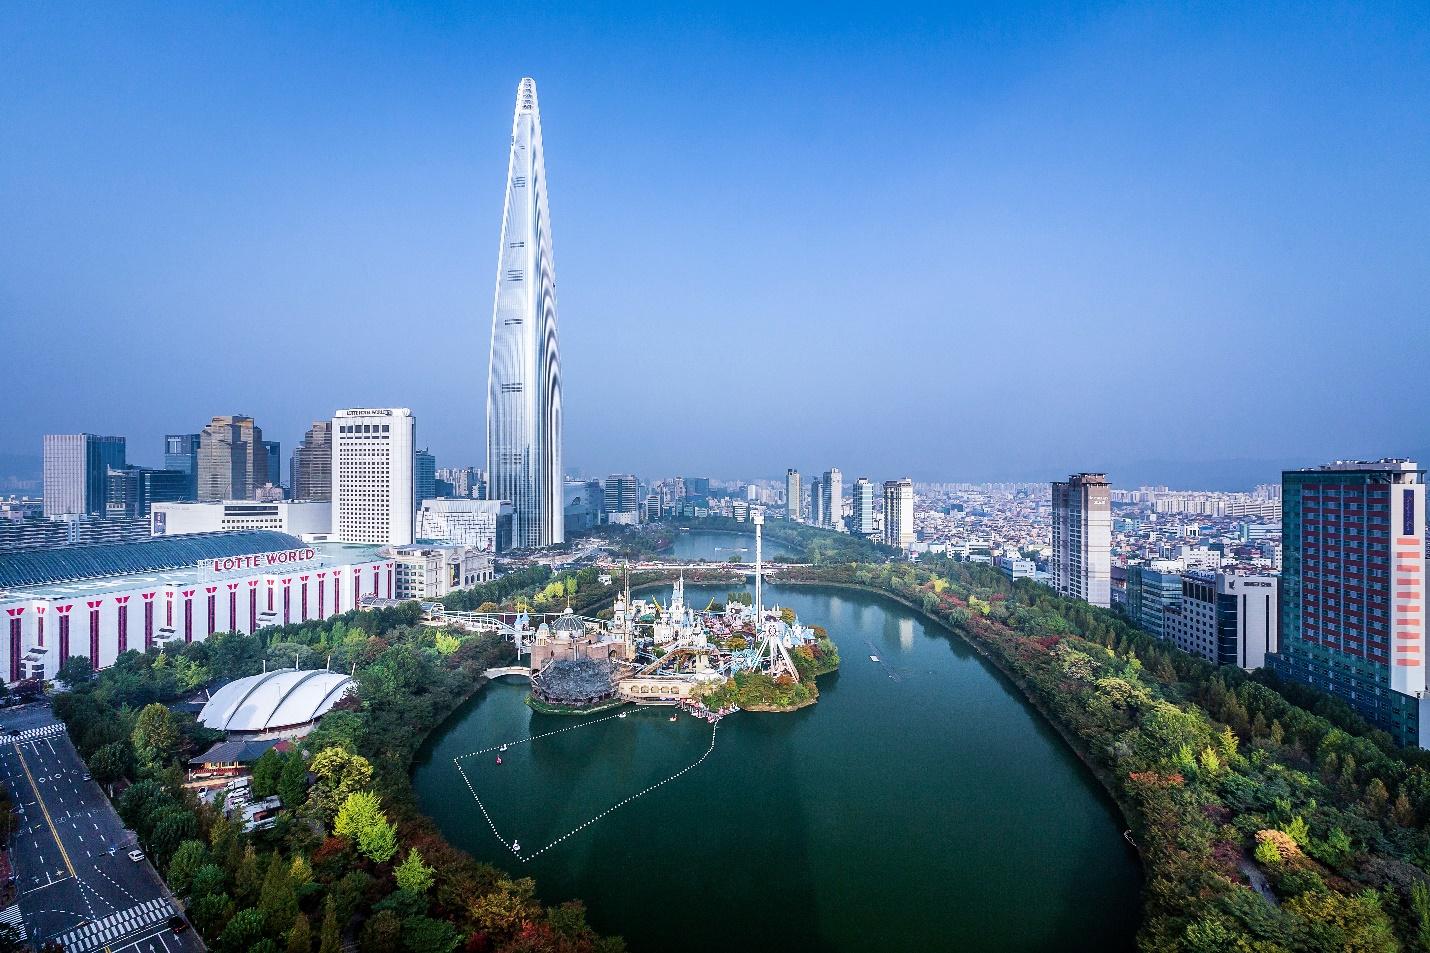 Hè rực rỡ - Đừng quên cẩm nang này khi du lịch Hàn Quốc - Ảnh 3.